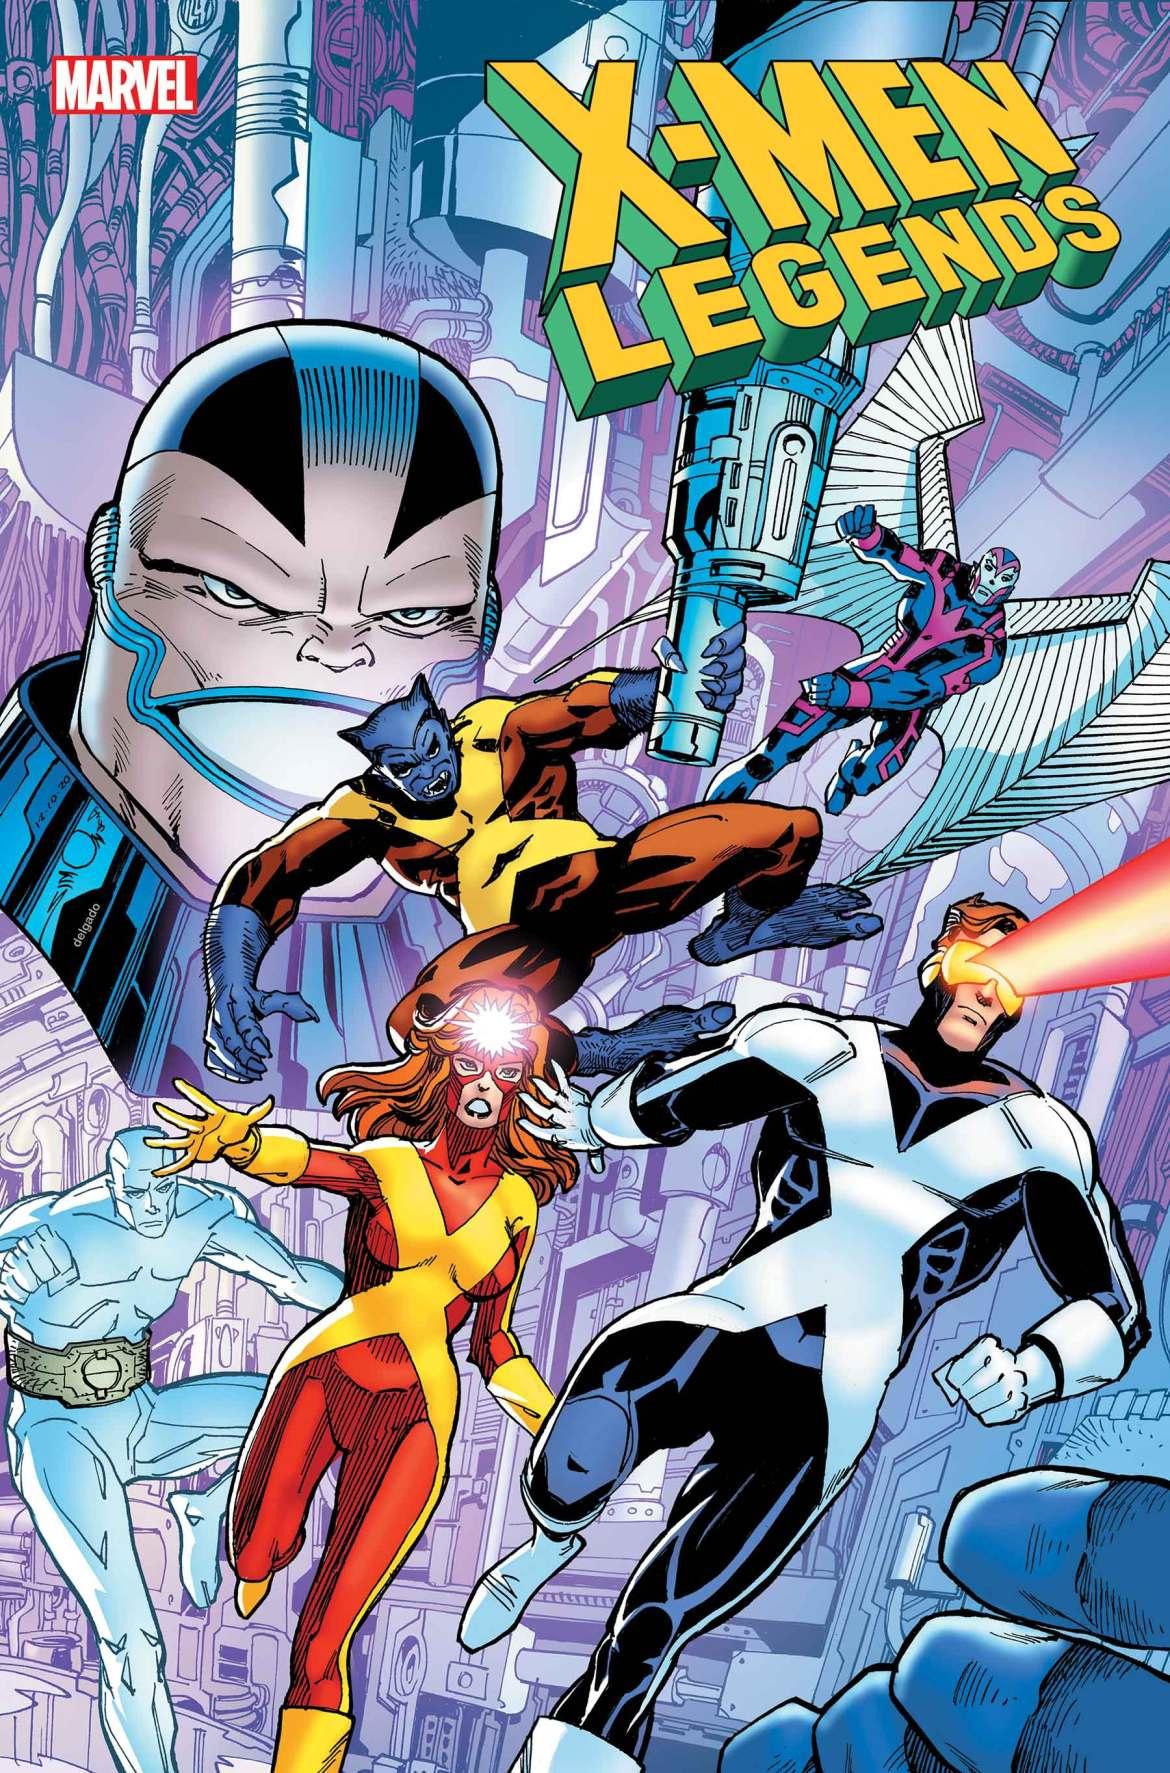 XMLEGENDS2021003 Louise Simonson and Walter Simonson return to X-Factor in X-MEN LEGENDS #3